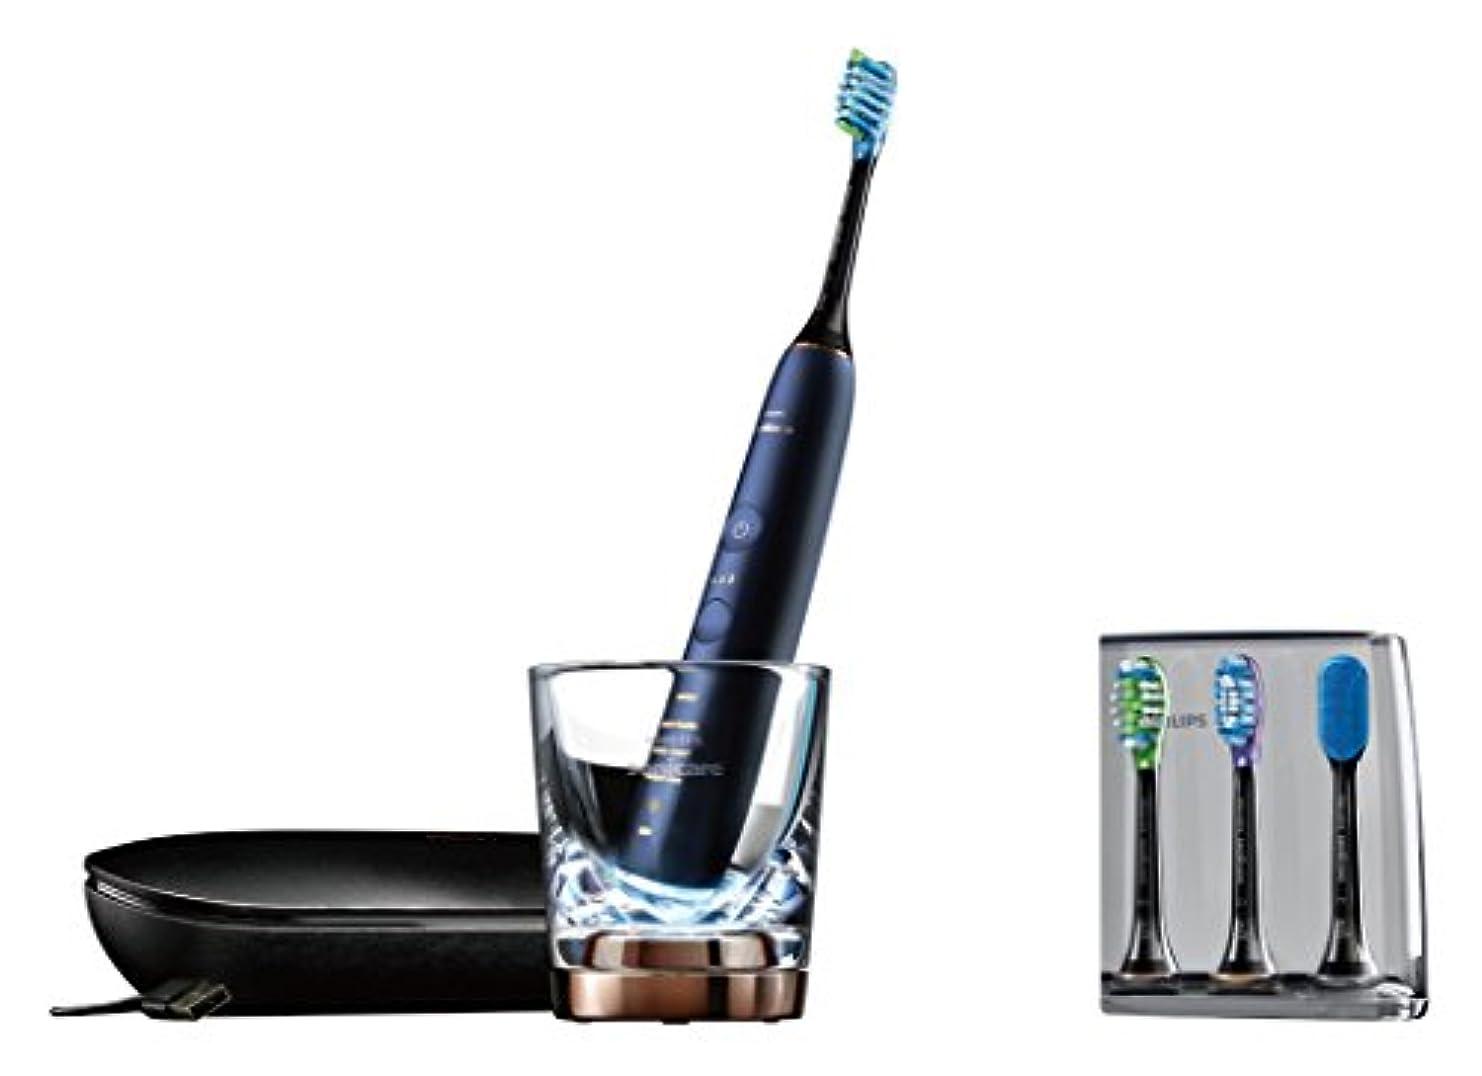 フィドル道を作る配分フィリップス ソニッケアー ダイヤモンドクリーン スマート 電動歯ブラシ ルナーブルー HX9964/55